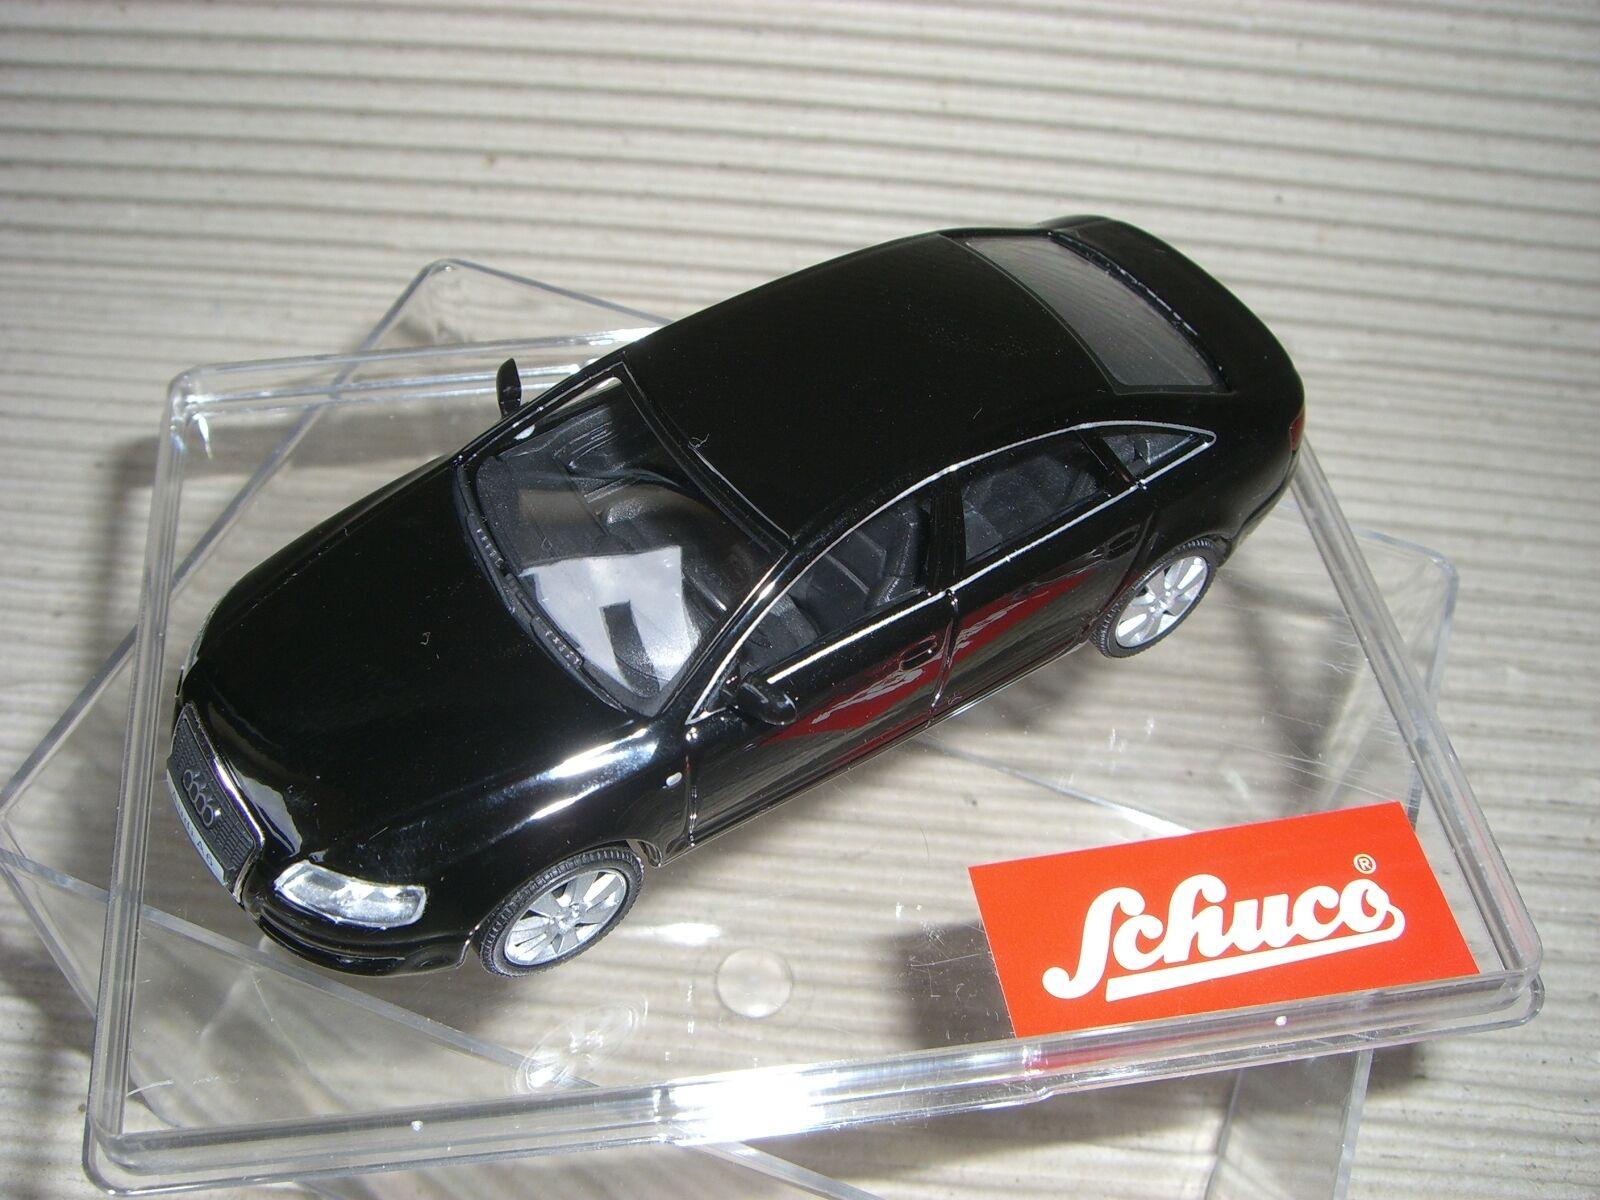 Schuco Audi a 6 3.2 Negro Negro Negro Antiguos Schuco Serie 1 43 27273 004cd0